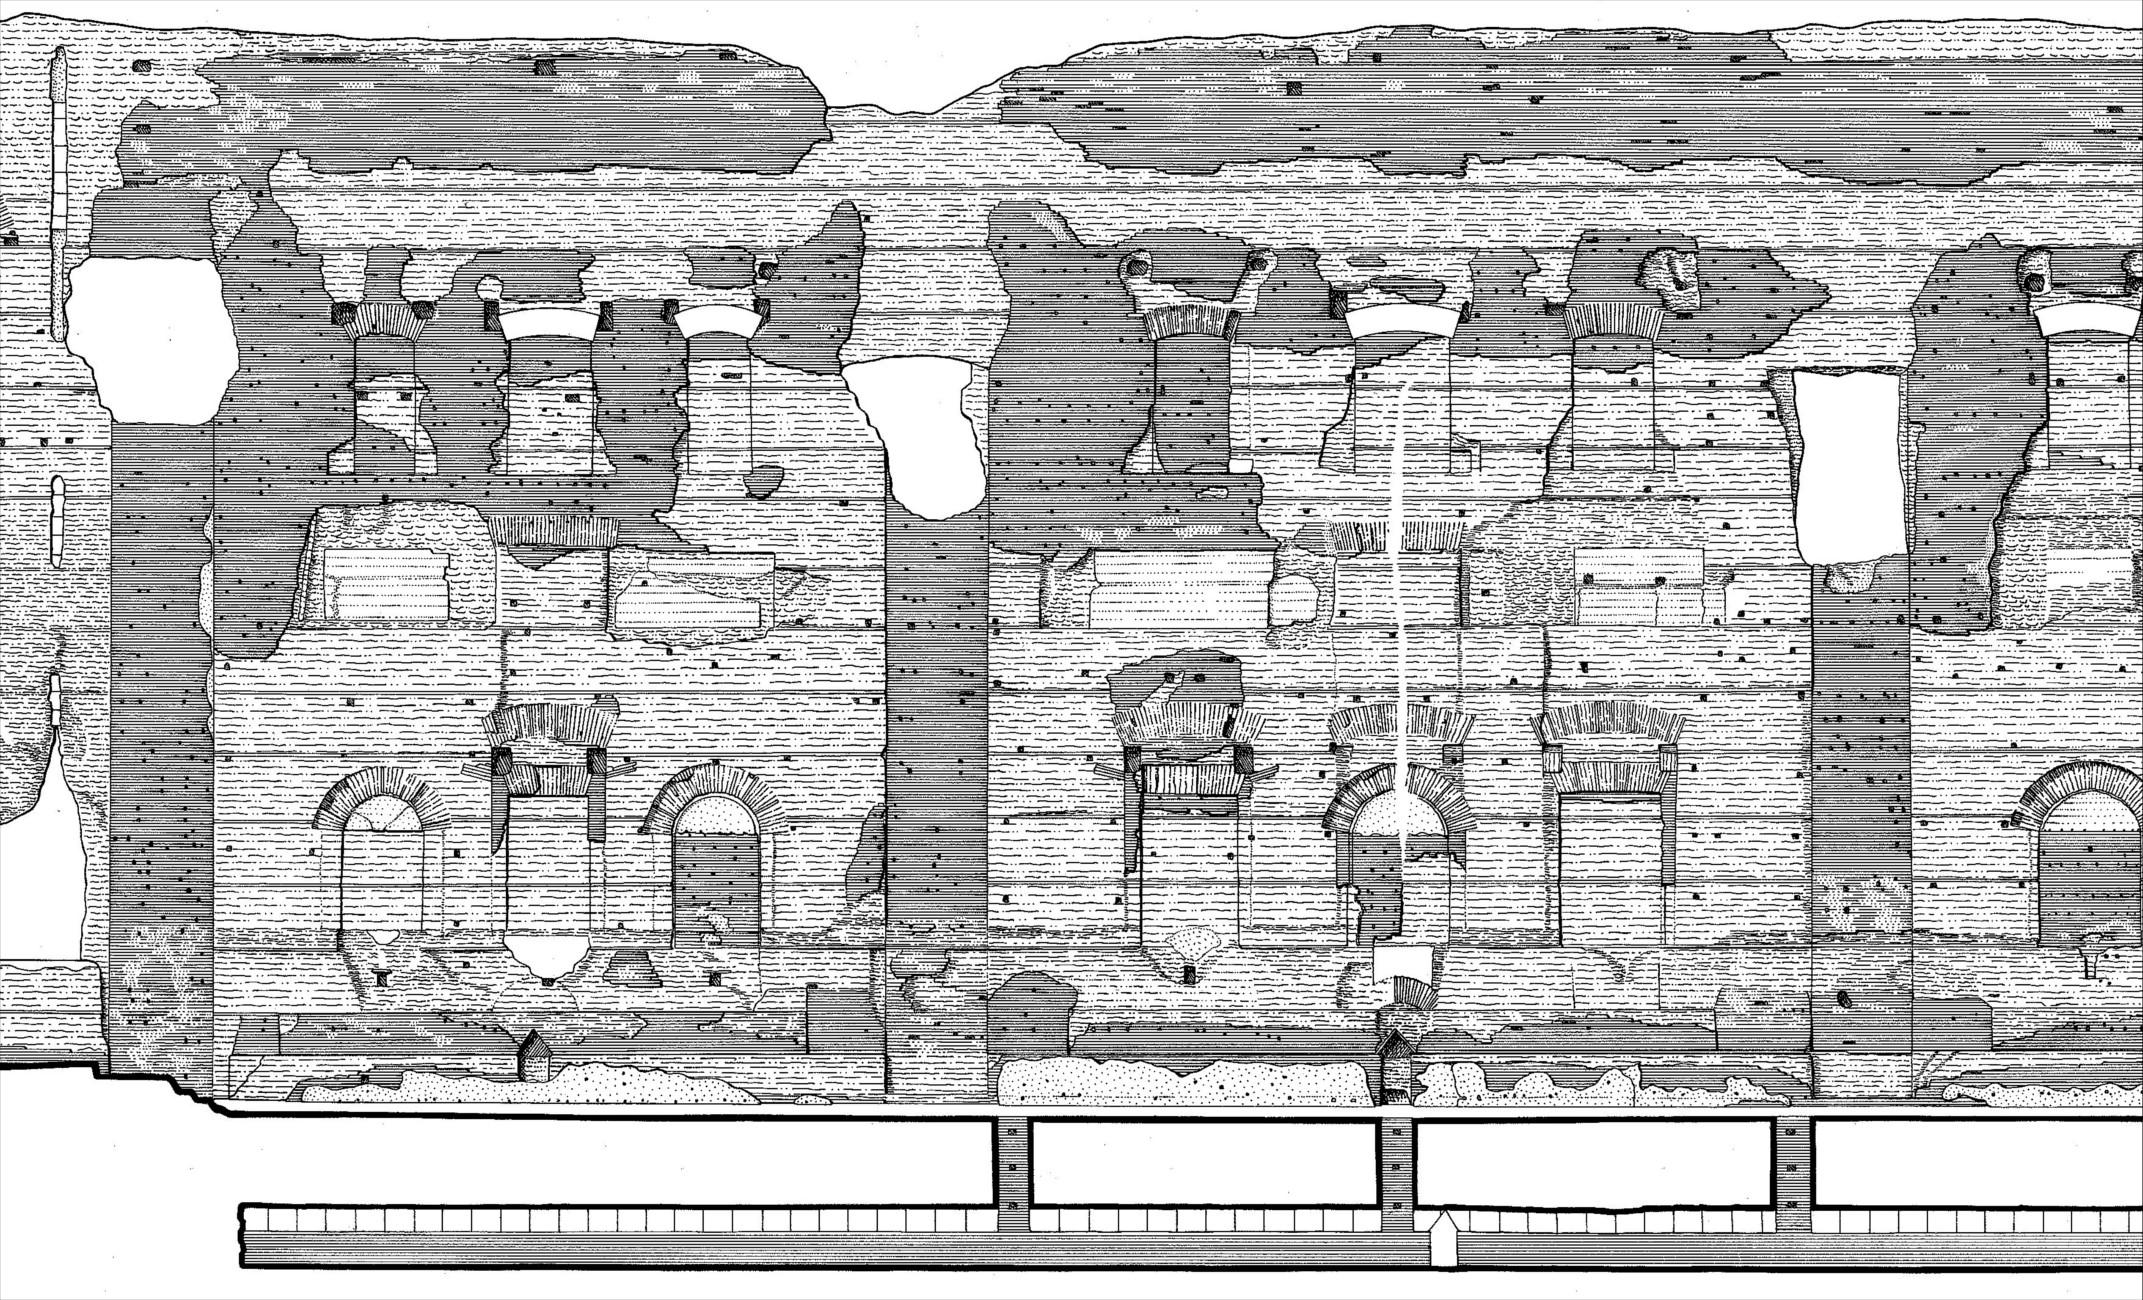 Terme di Caracalla sezione prospetto 1:200 – dettaglio